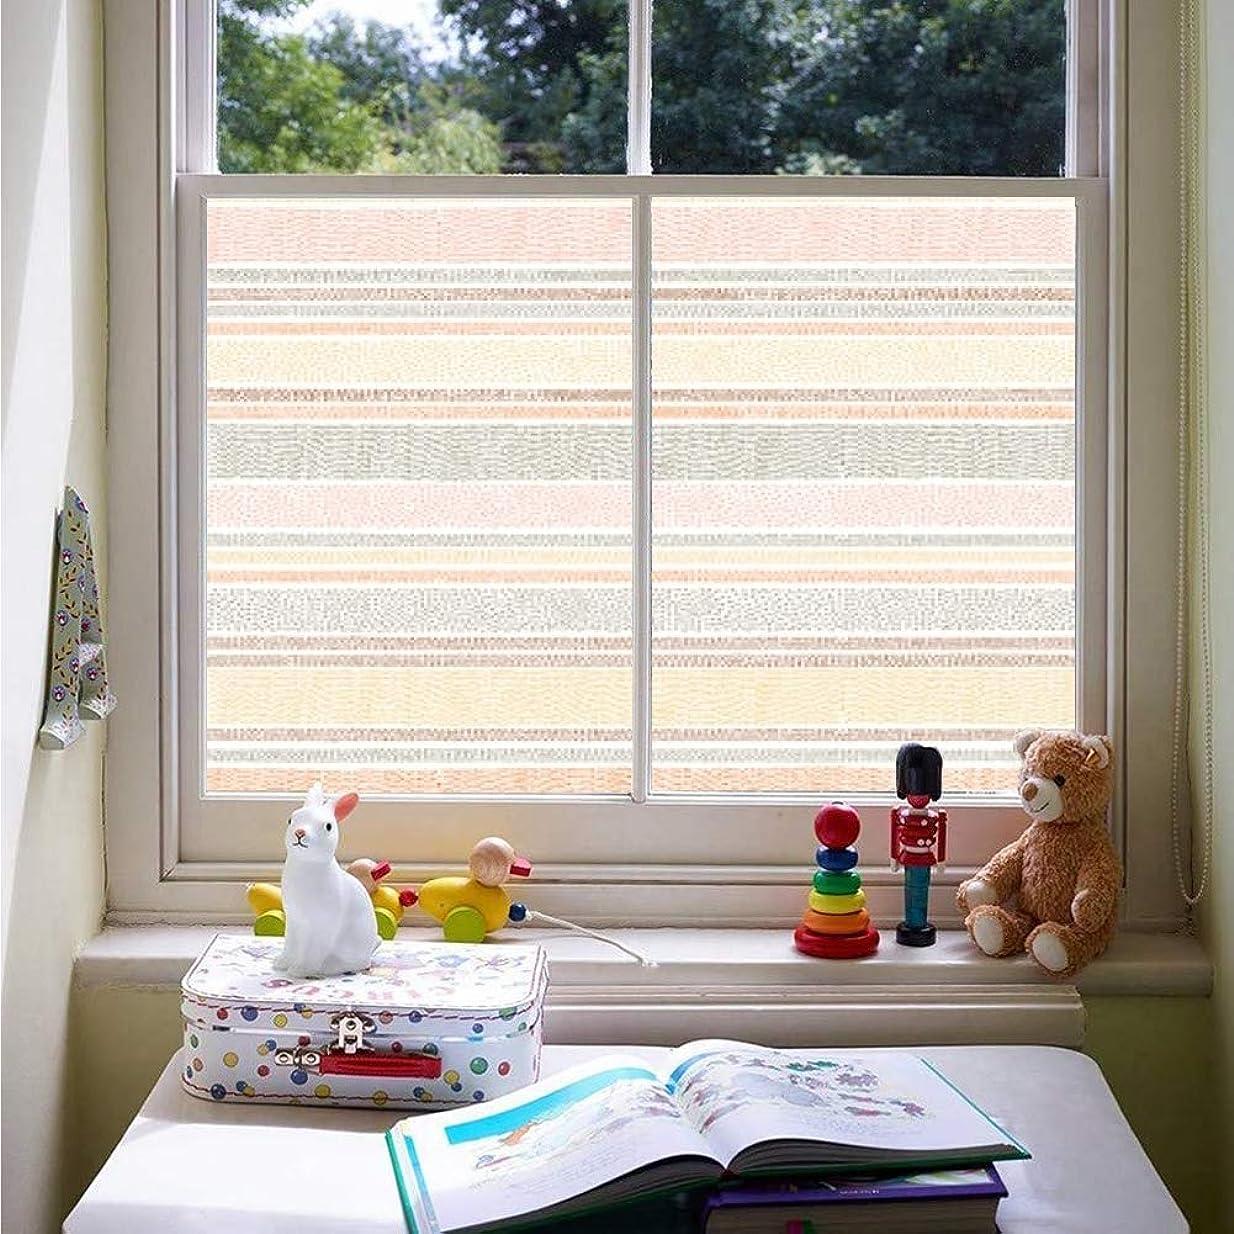 エンゲージメント勇敢なクラシカル窓フィルム 目隠しシート 窓ガラス 遮光シート 美術の窓 飛散防止フィルム Tの水玉シームレスなビンテージ落書き印刷でかわいいストライプパターン uv ガラスフィルム 窓際のトットちゃん 断熱シート マジックミラー フィルム 透明 かわいい 窓ぼかし シェード 窓用かんきせん 紙シール